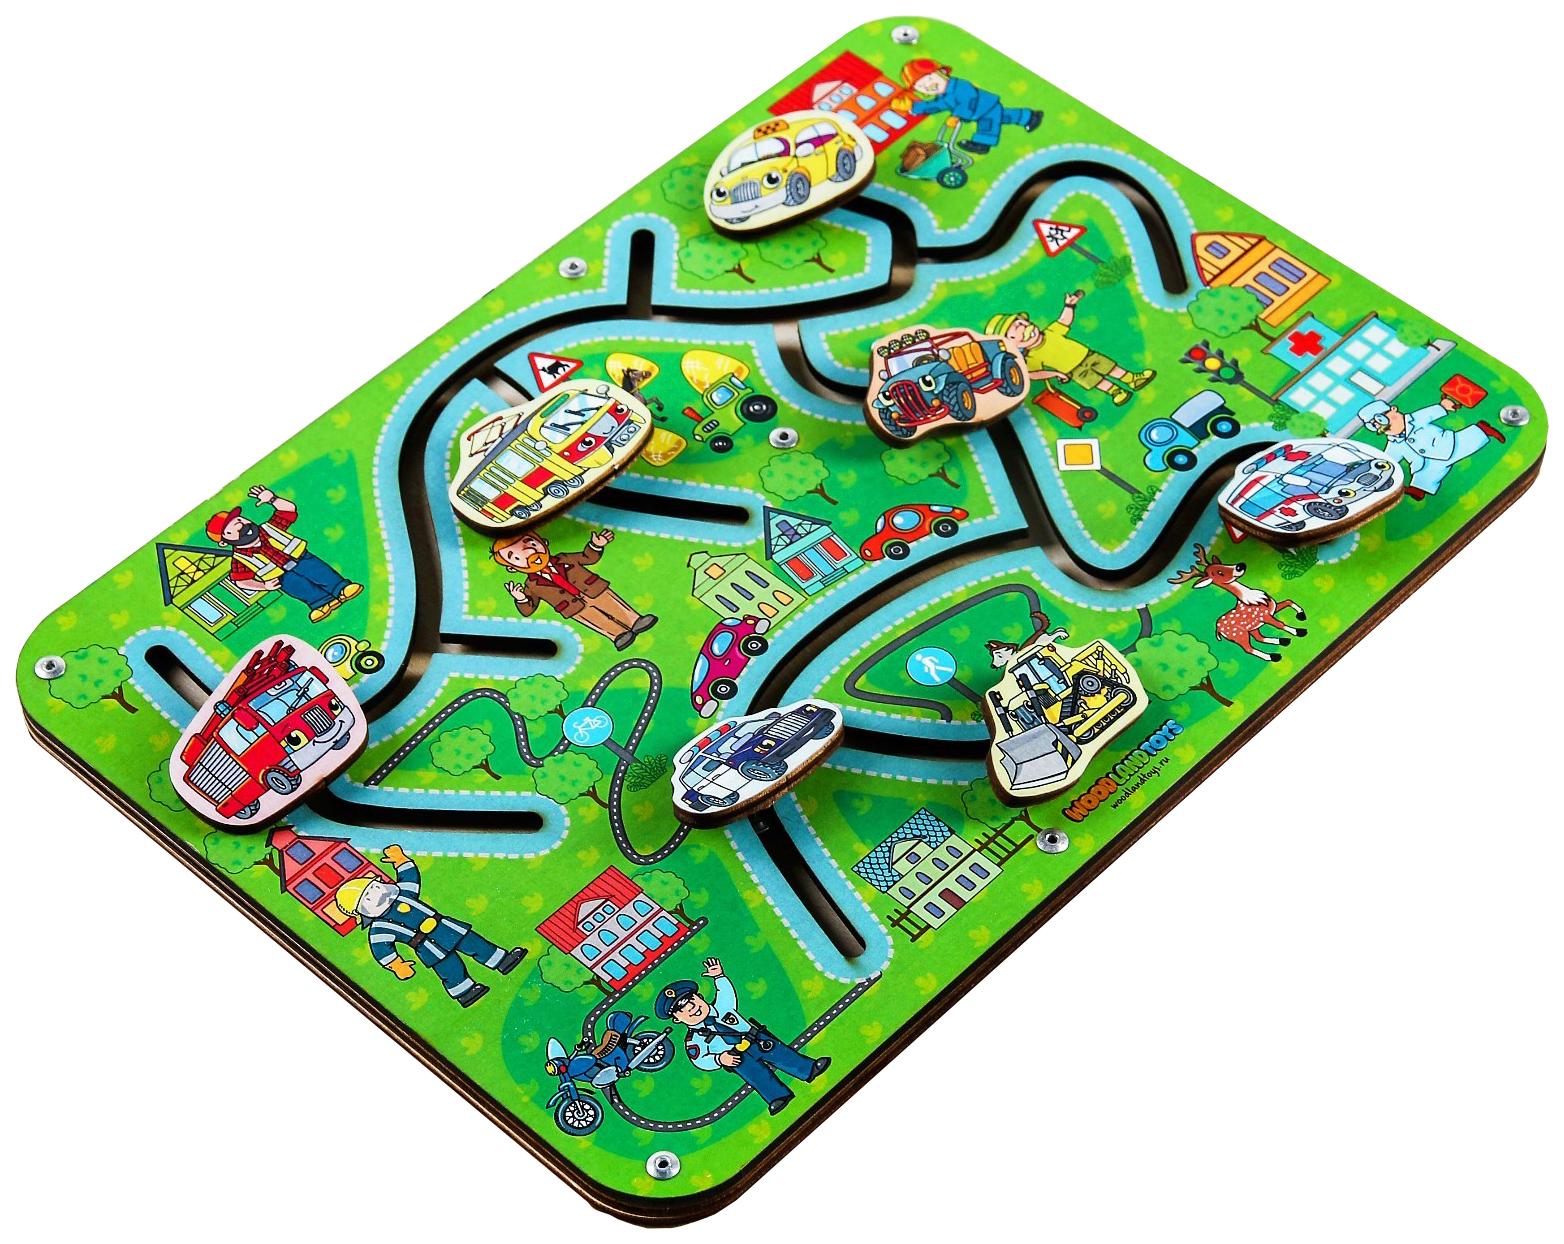 Купить Лабиринт Найди пару. Транспорт'' Woodland (Сибирский сувенир), Игрушки головоломки